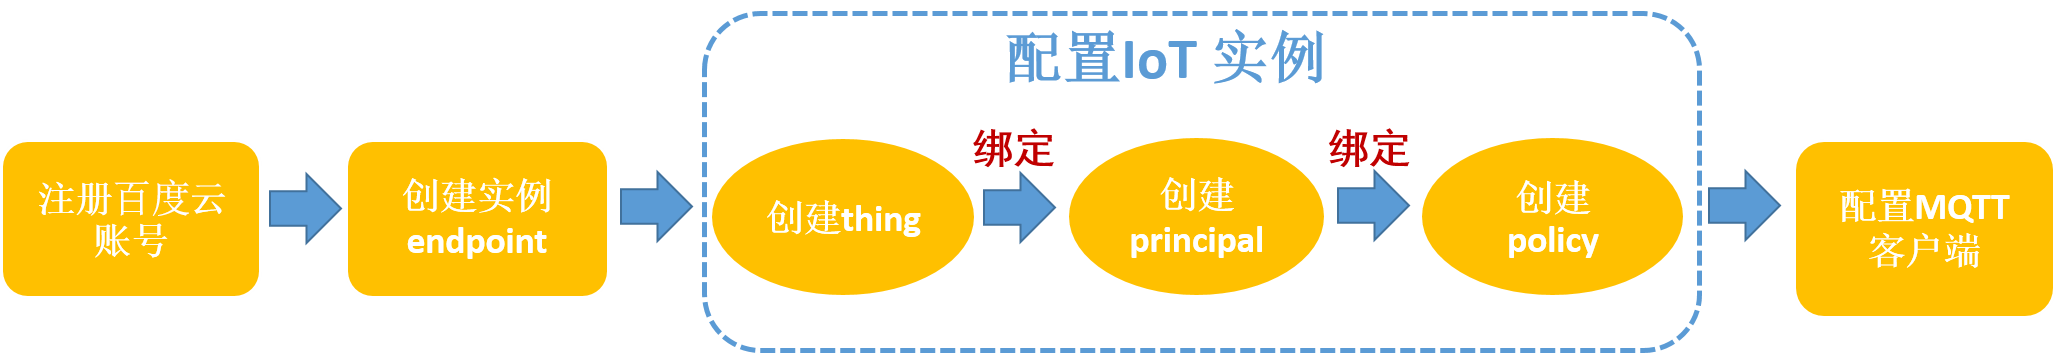 百度物联网开发平台教程: 产品文档入门指南+源代码实例(5)